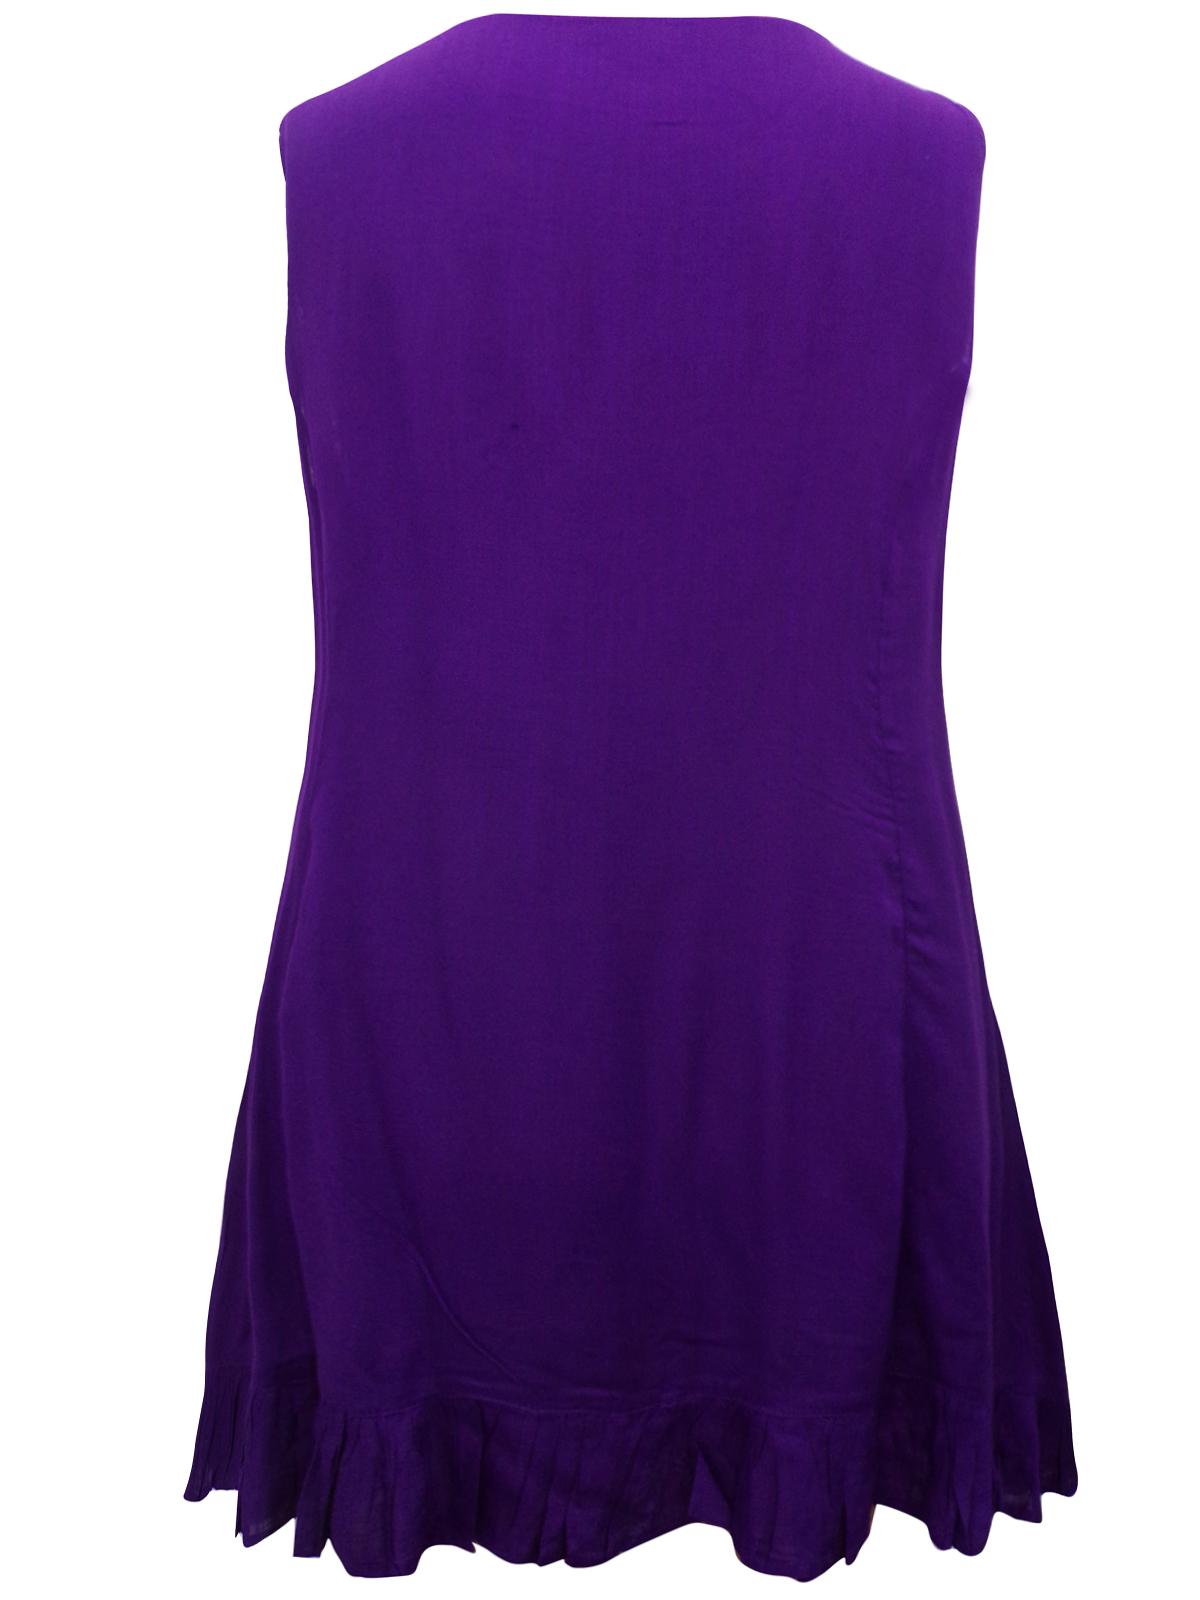 NEW Eaonplus PURPLE TIE DYE DRESS sizes 1 2 18 20 22 24 26 28